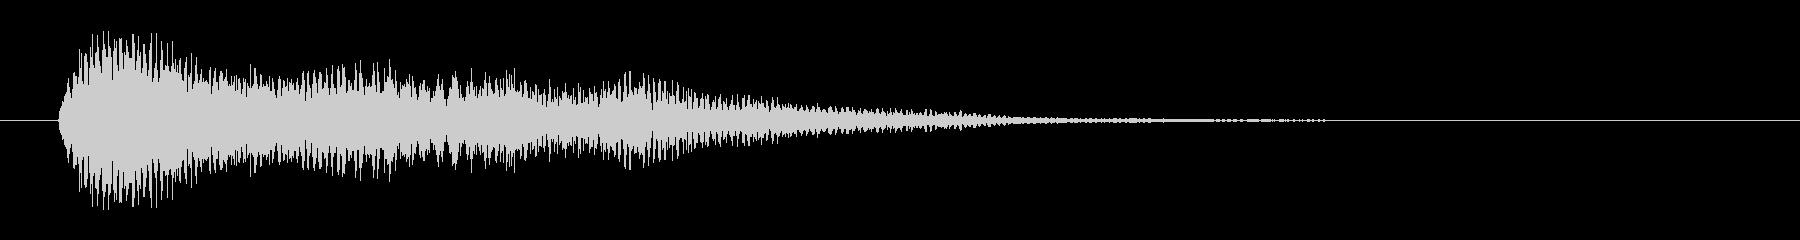 不安、奇妙な雰囲気のシンセベルのジングルの未再生の波形